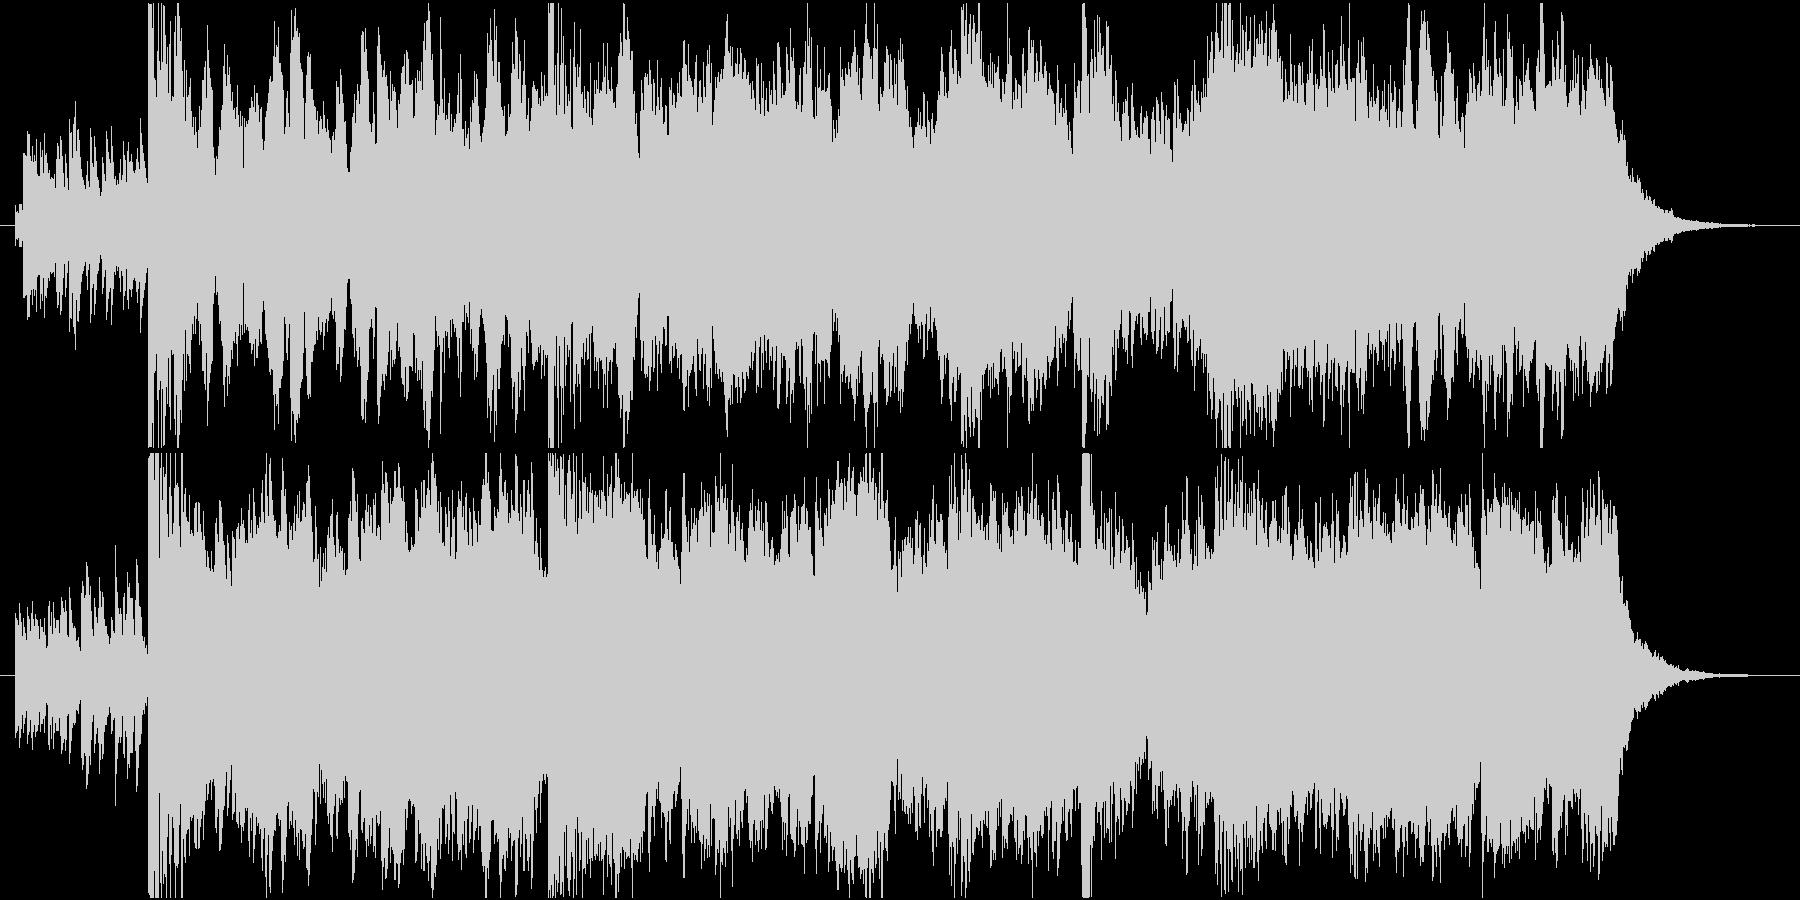 シリアスなドキュメンタリー番組風のBGMの未再生の波形